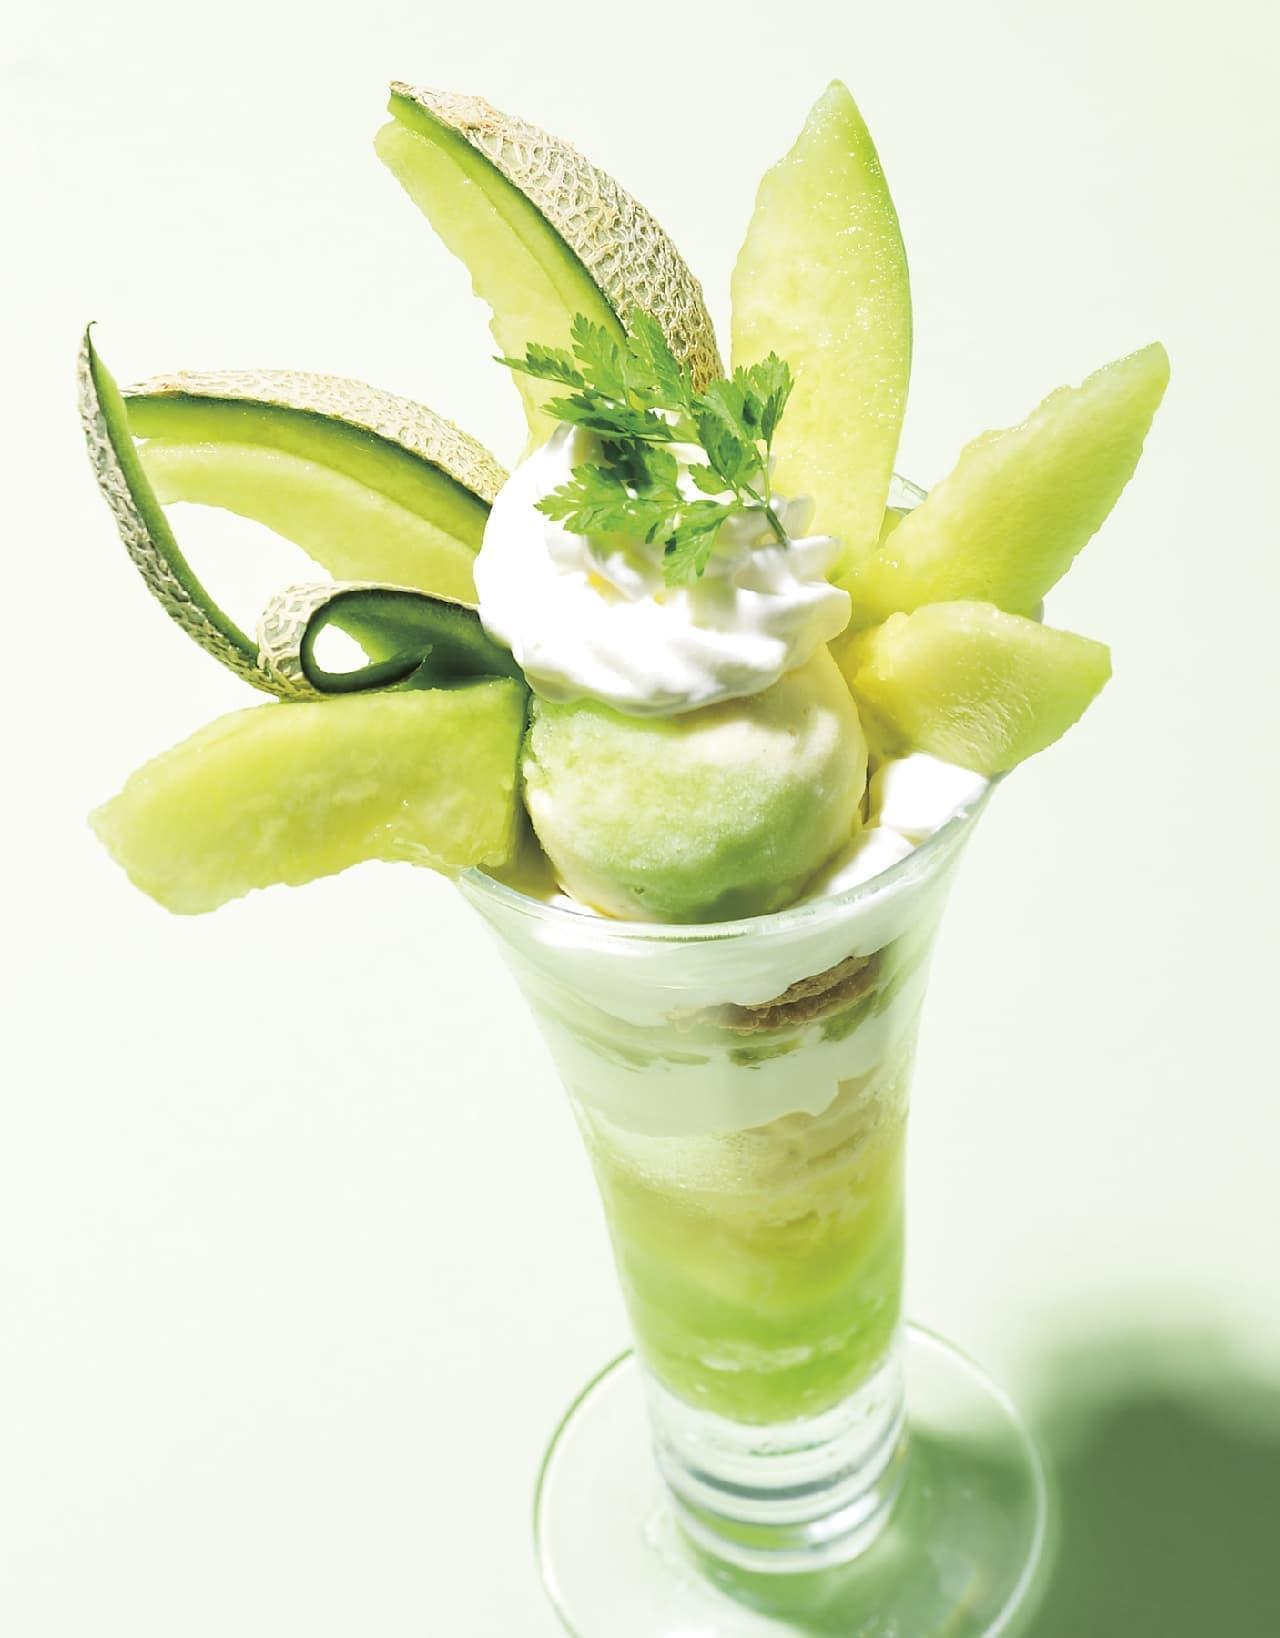 銀座コージーコーナー「茨城県産メロンのパフェ」